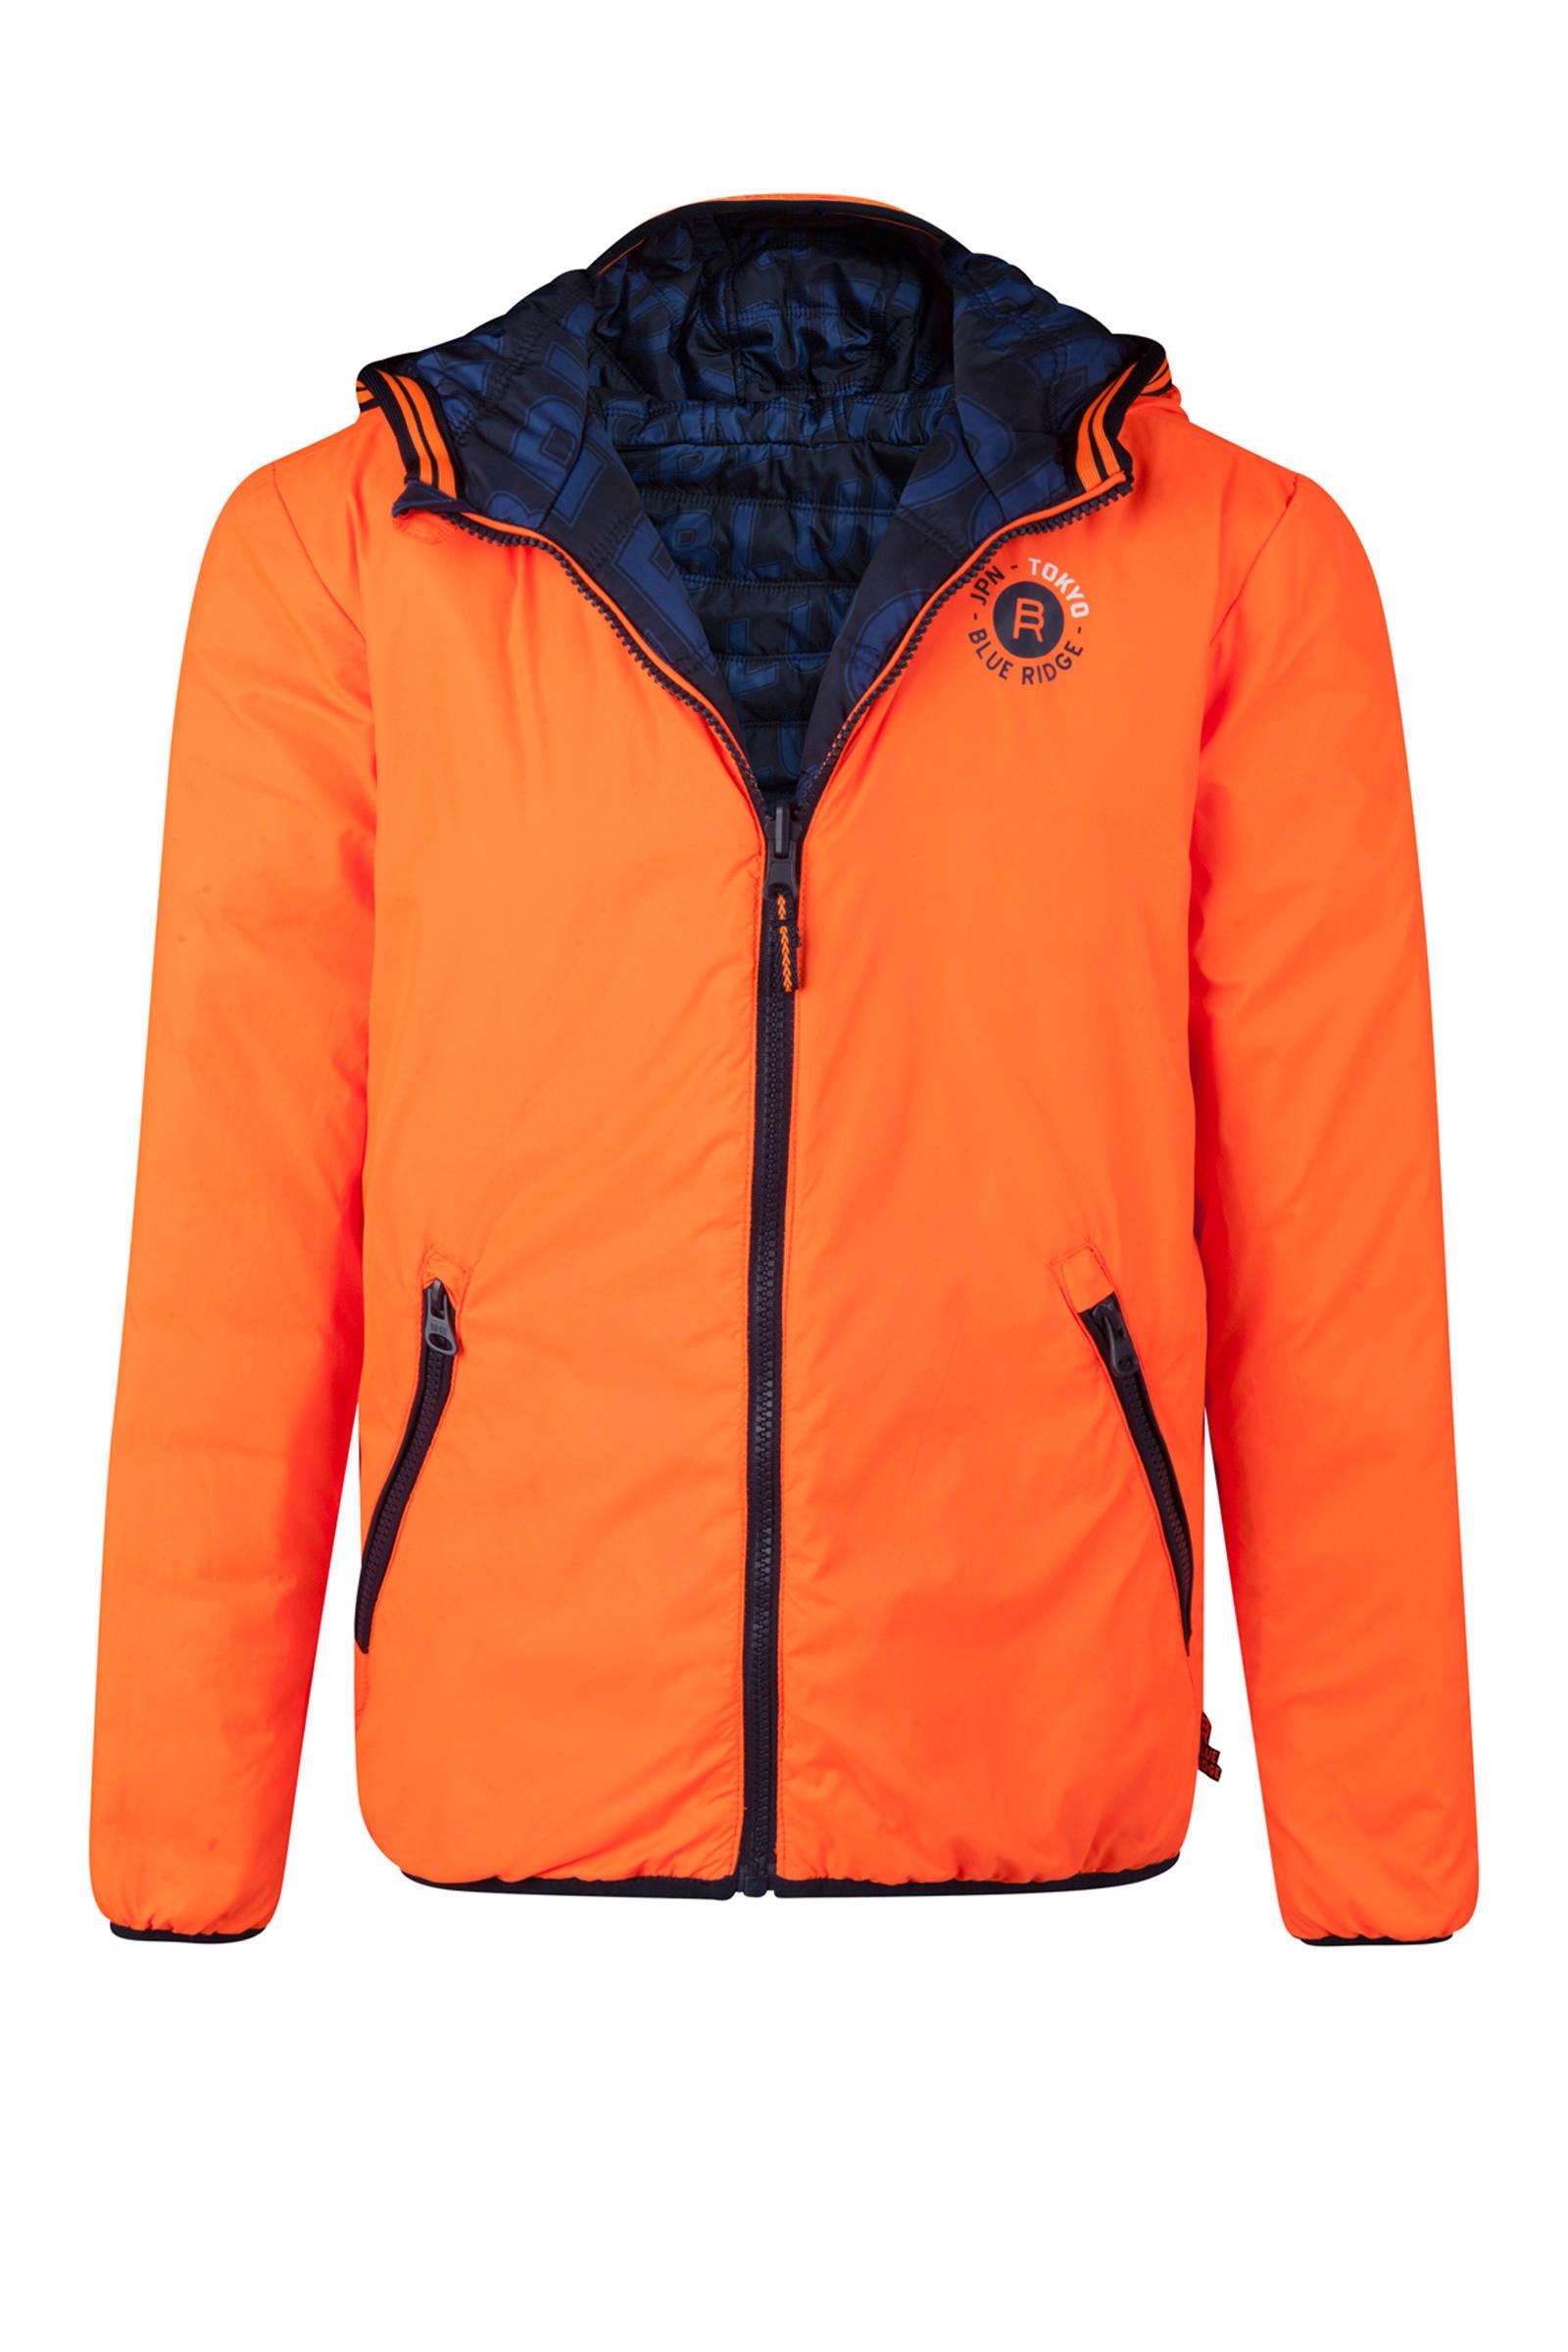 7c93afe38cbf9c we-fashion-reversible-tussenjas-oranje-blauw-oranje-8719508436649.jpg